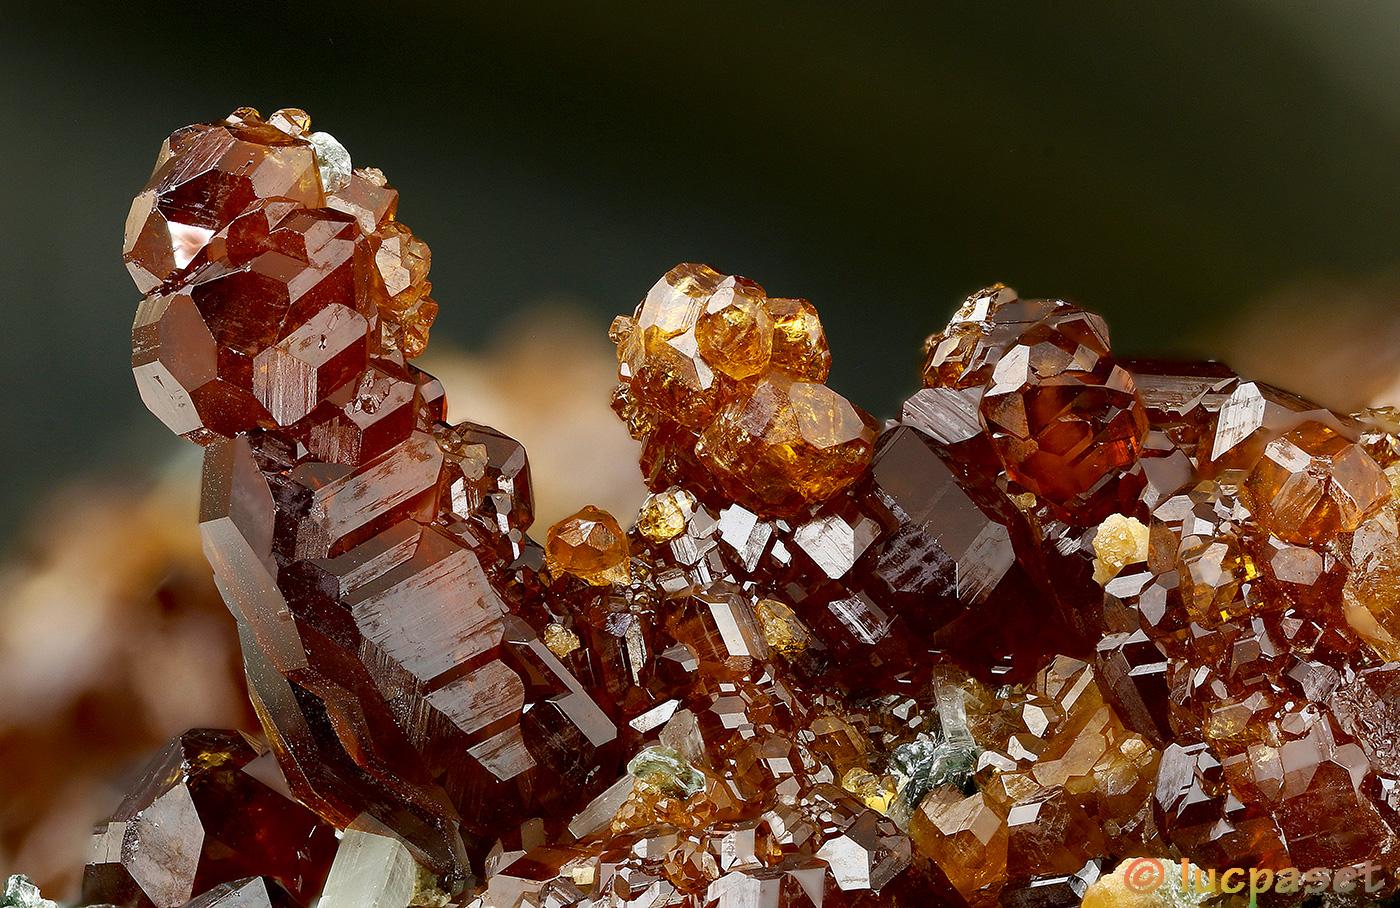 Grossularia gar garuline crystals...